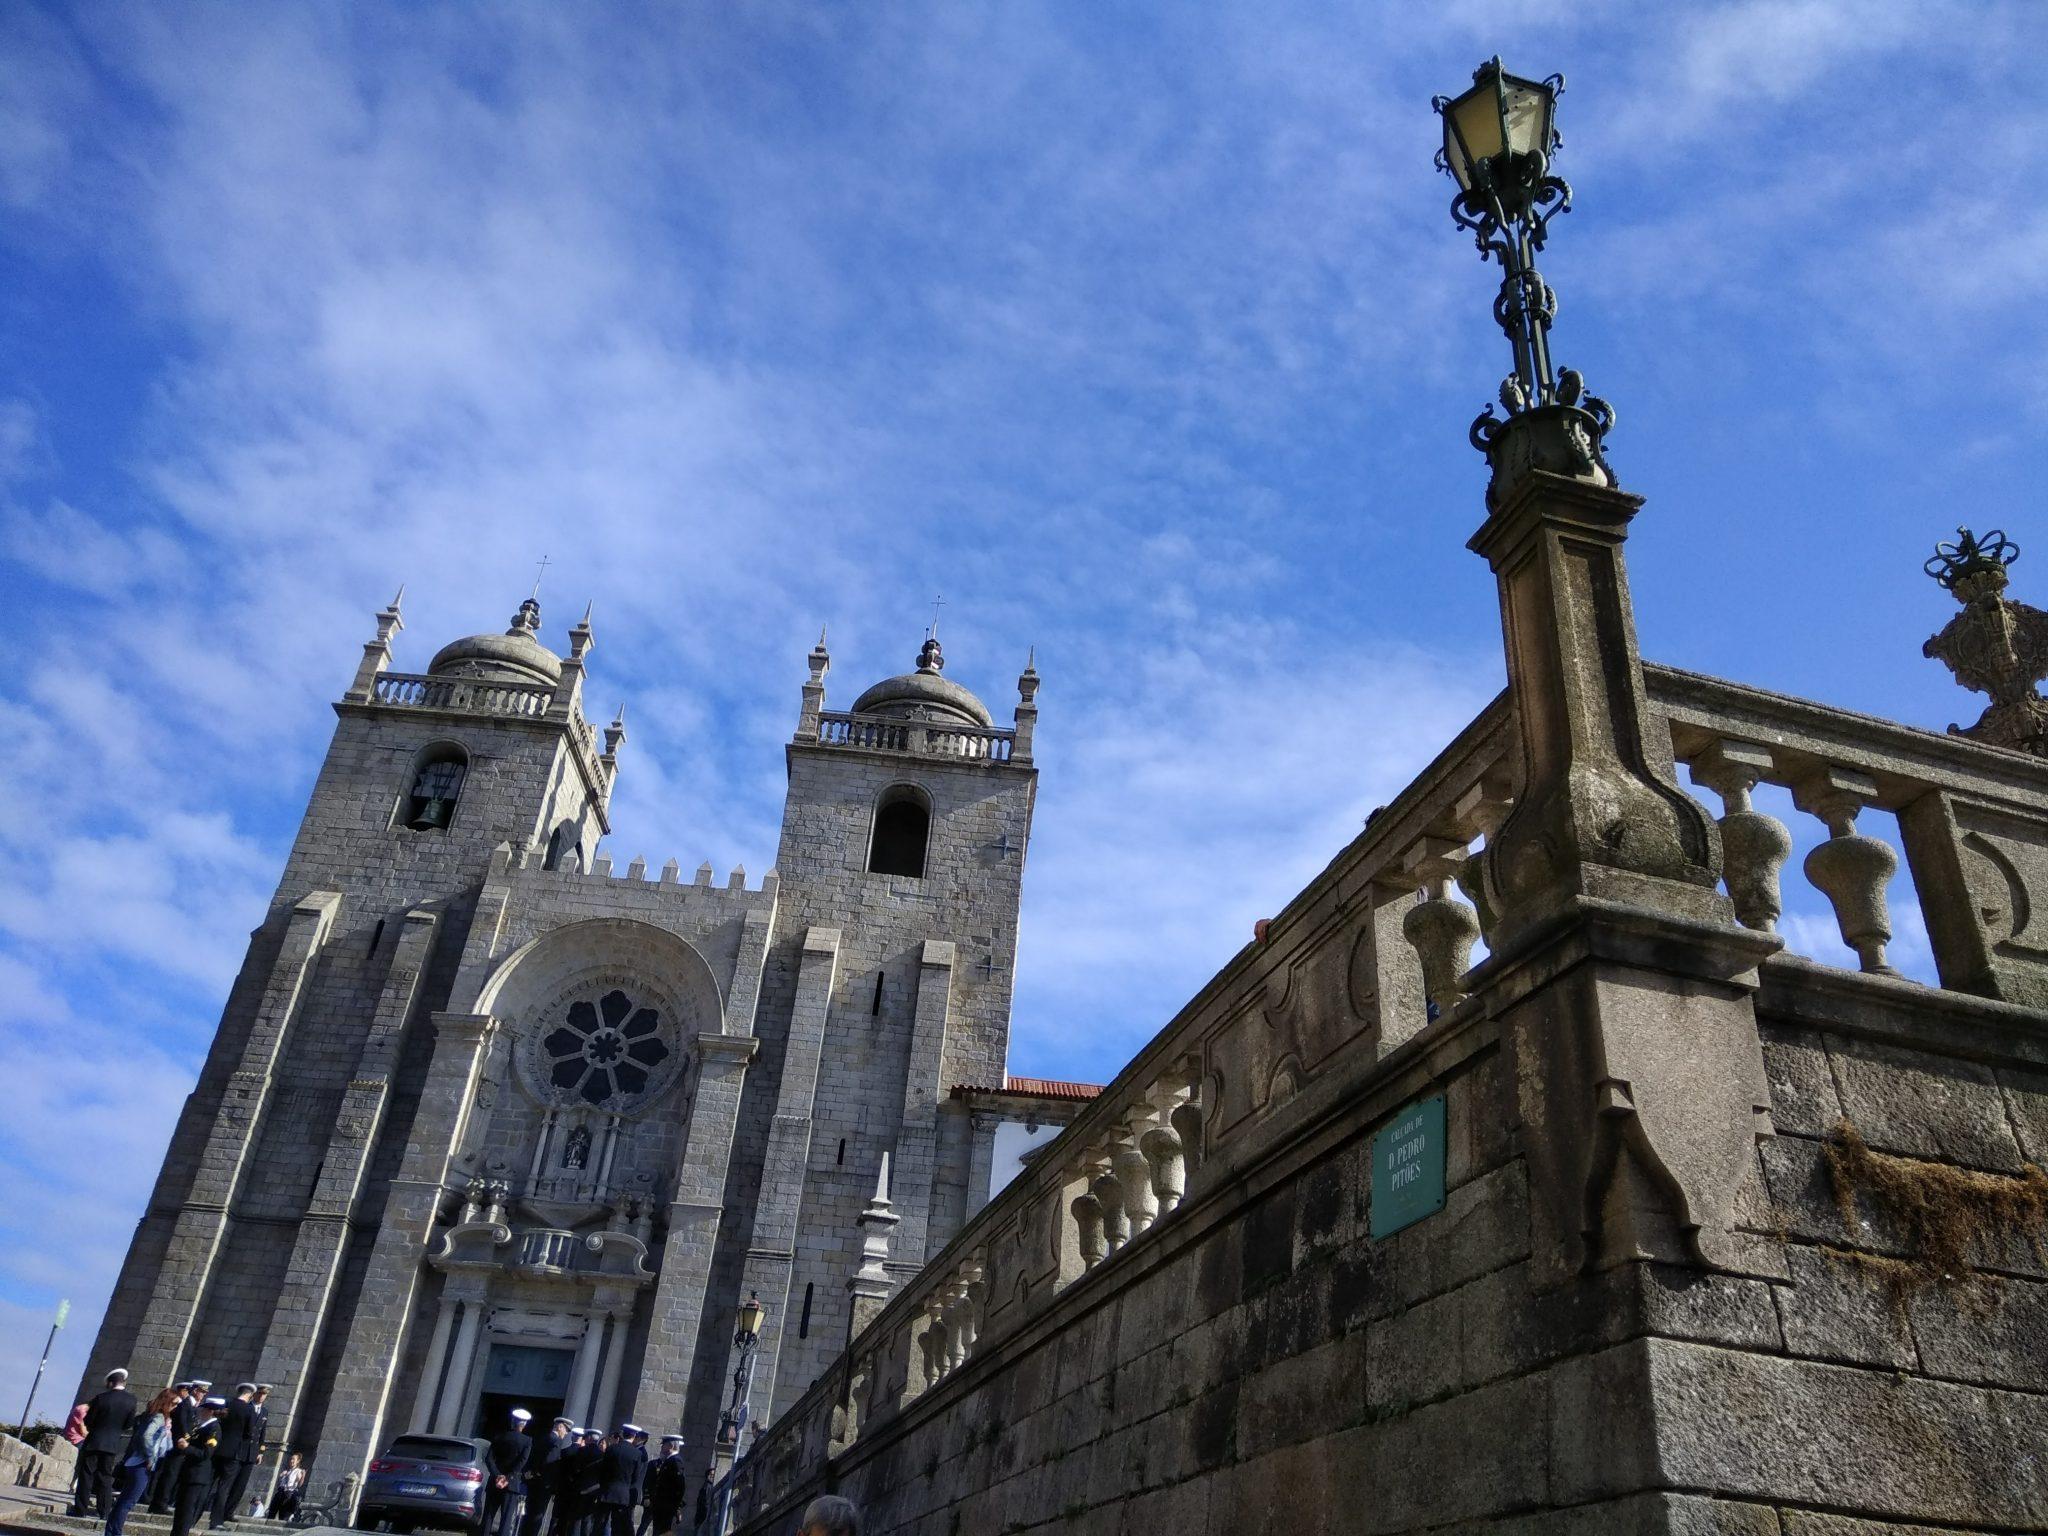 Imagen post 2 días en Oporto. Catedral de Oporto - Pasaporte y Millas